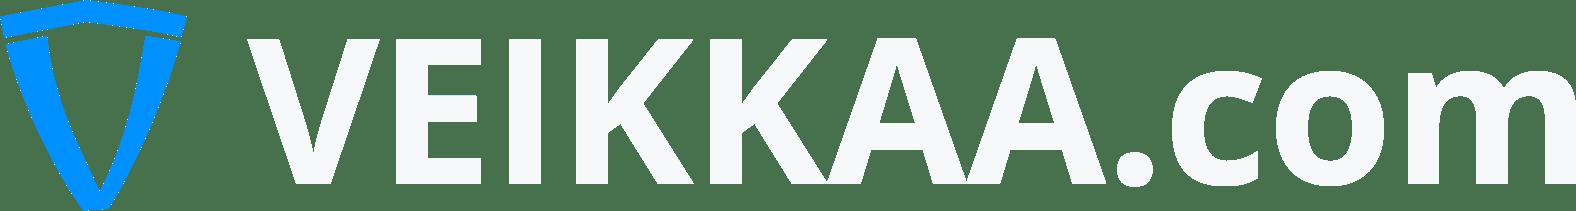 Veikkaa.com logo